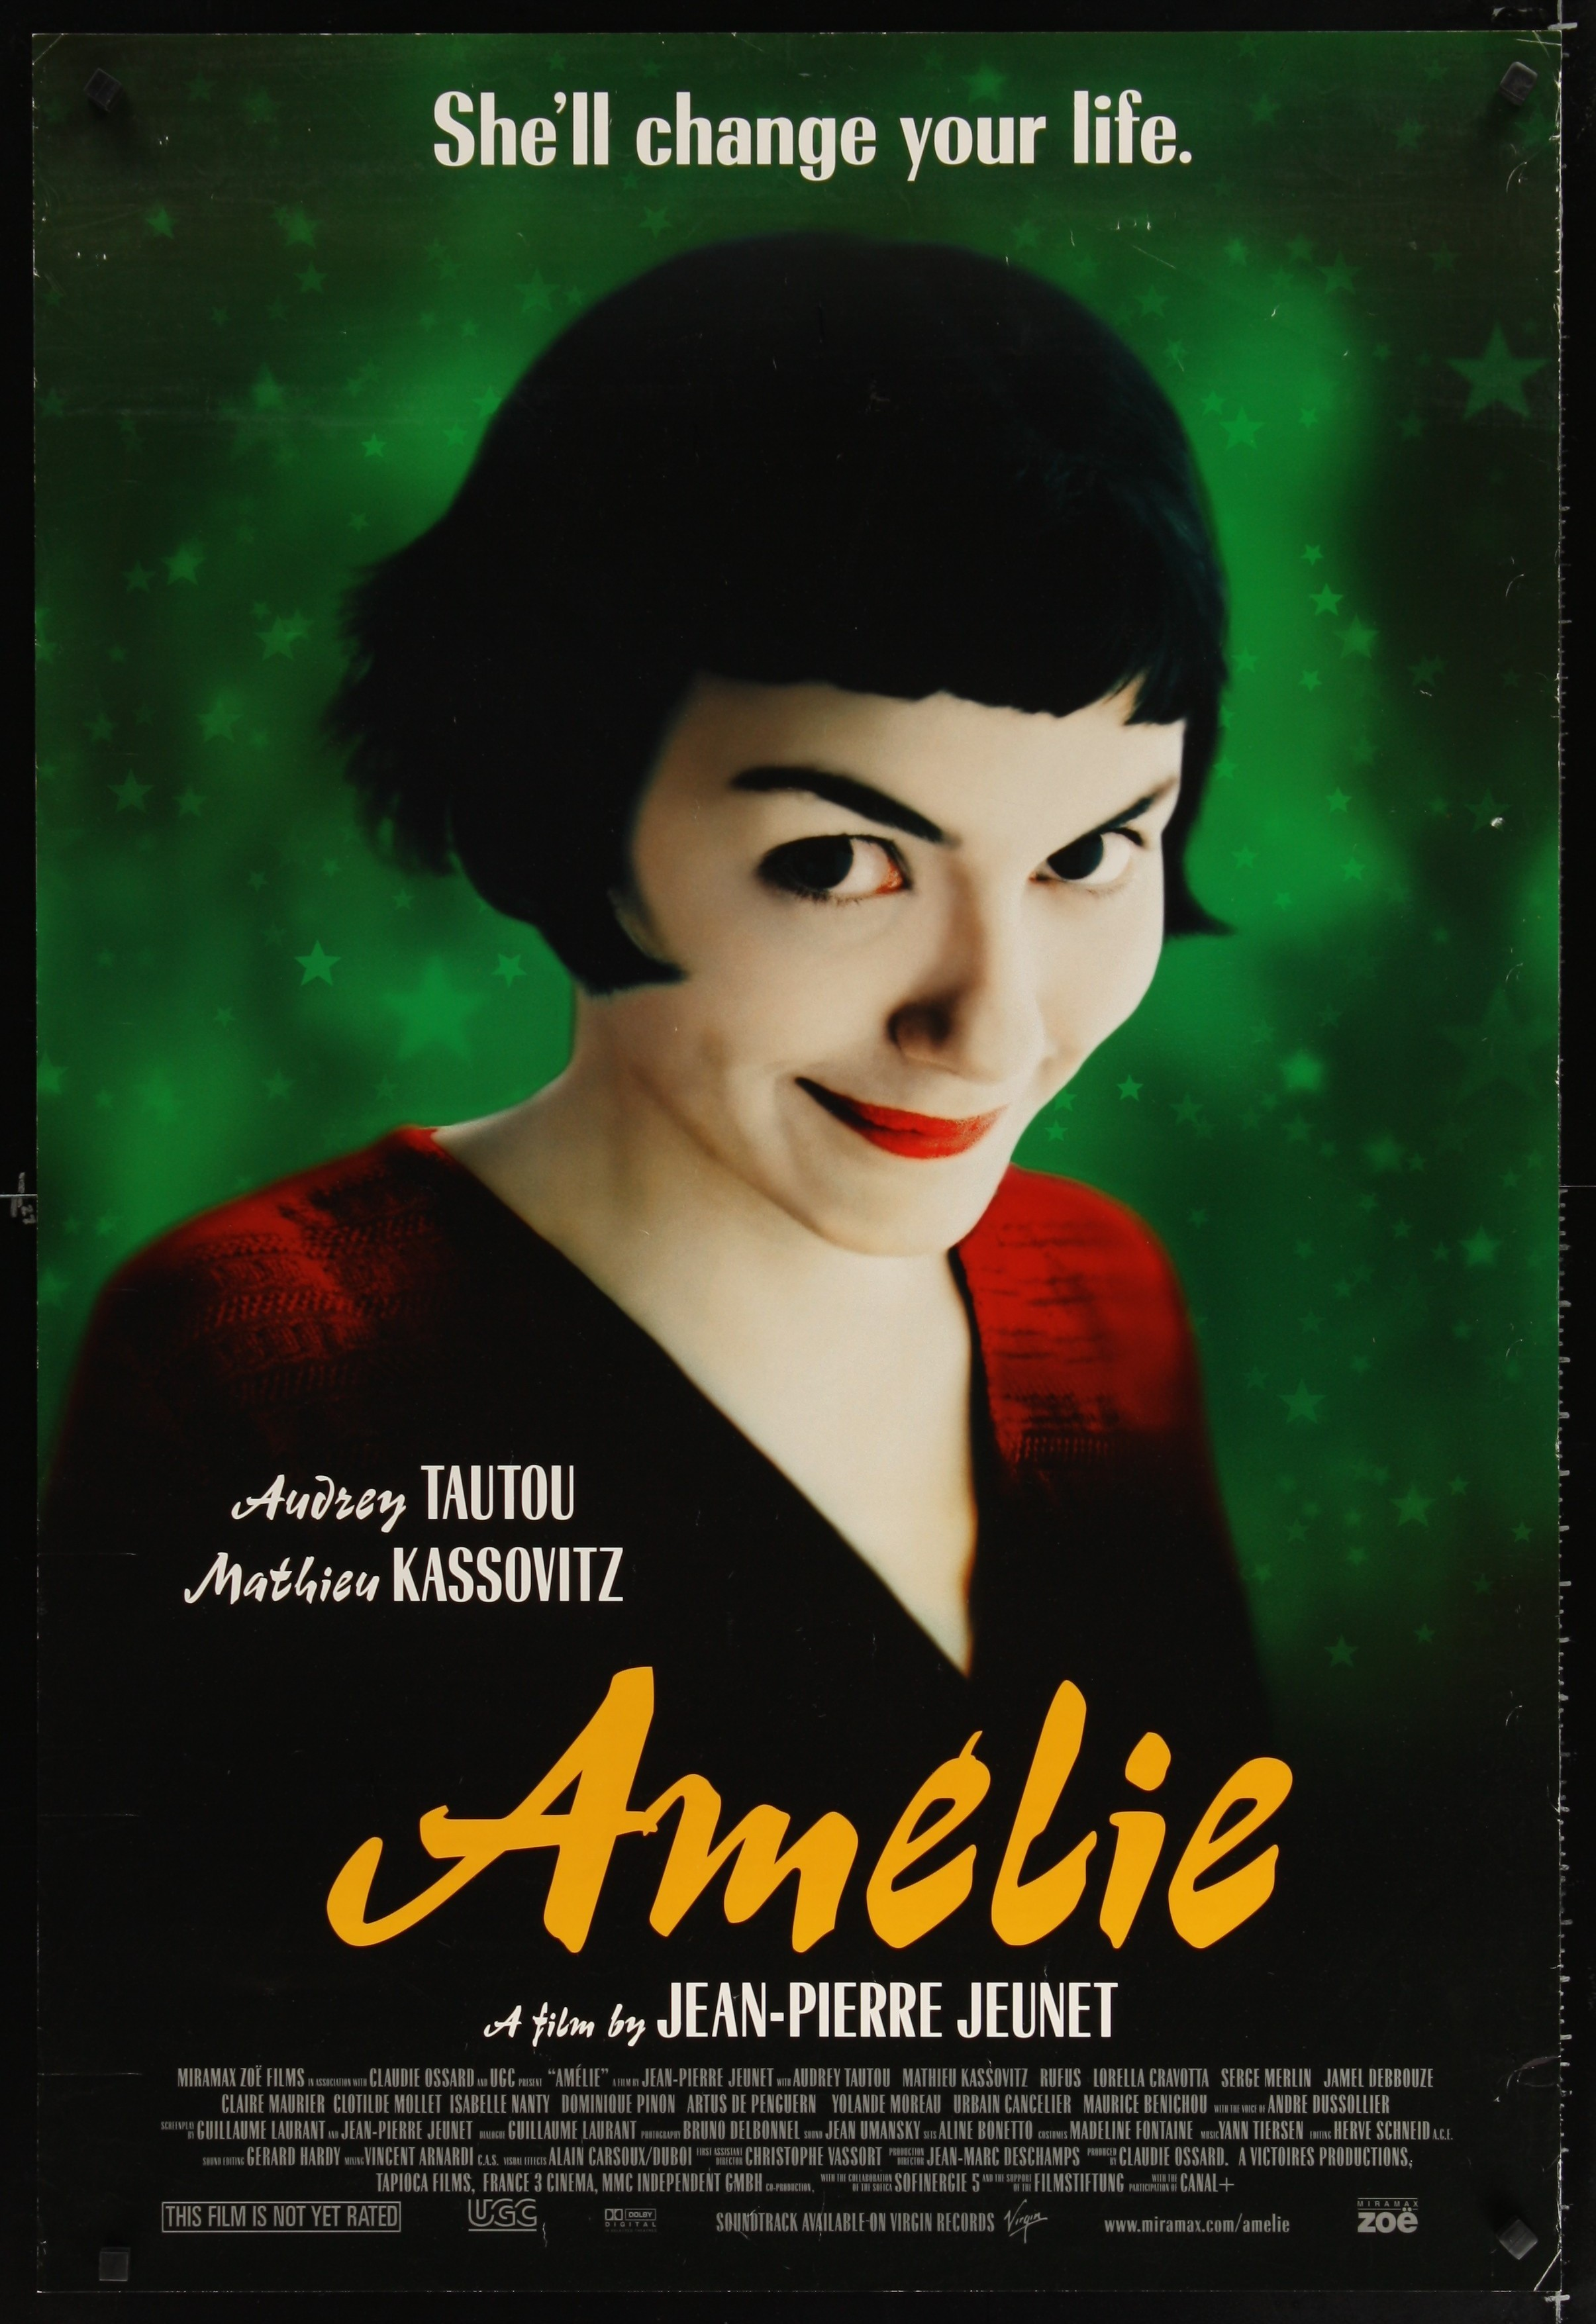 Audrey Tautou Amelie Poulain Jean-Pierre Jeunet Amelie Movie Poster